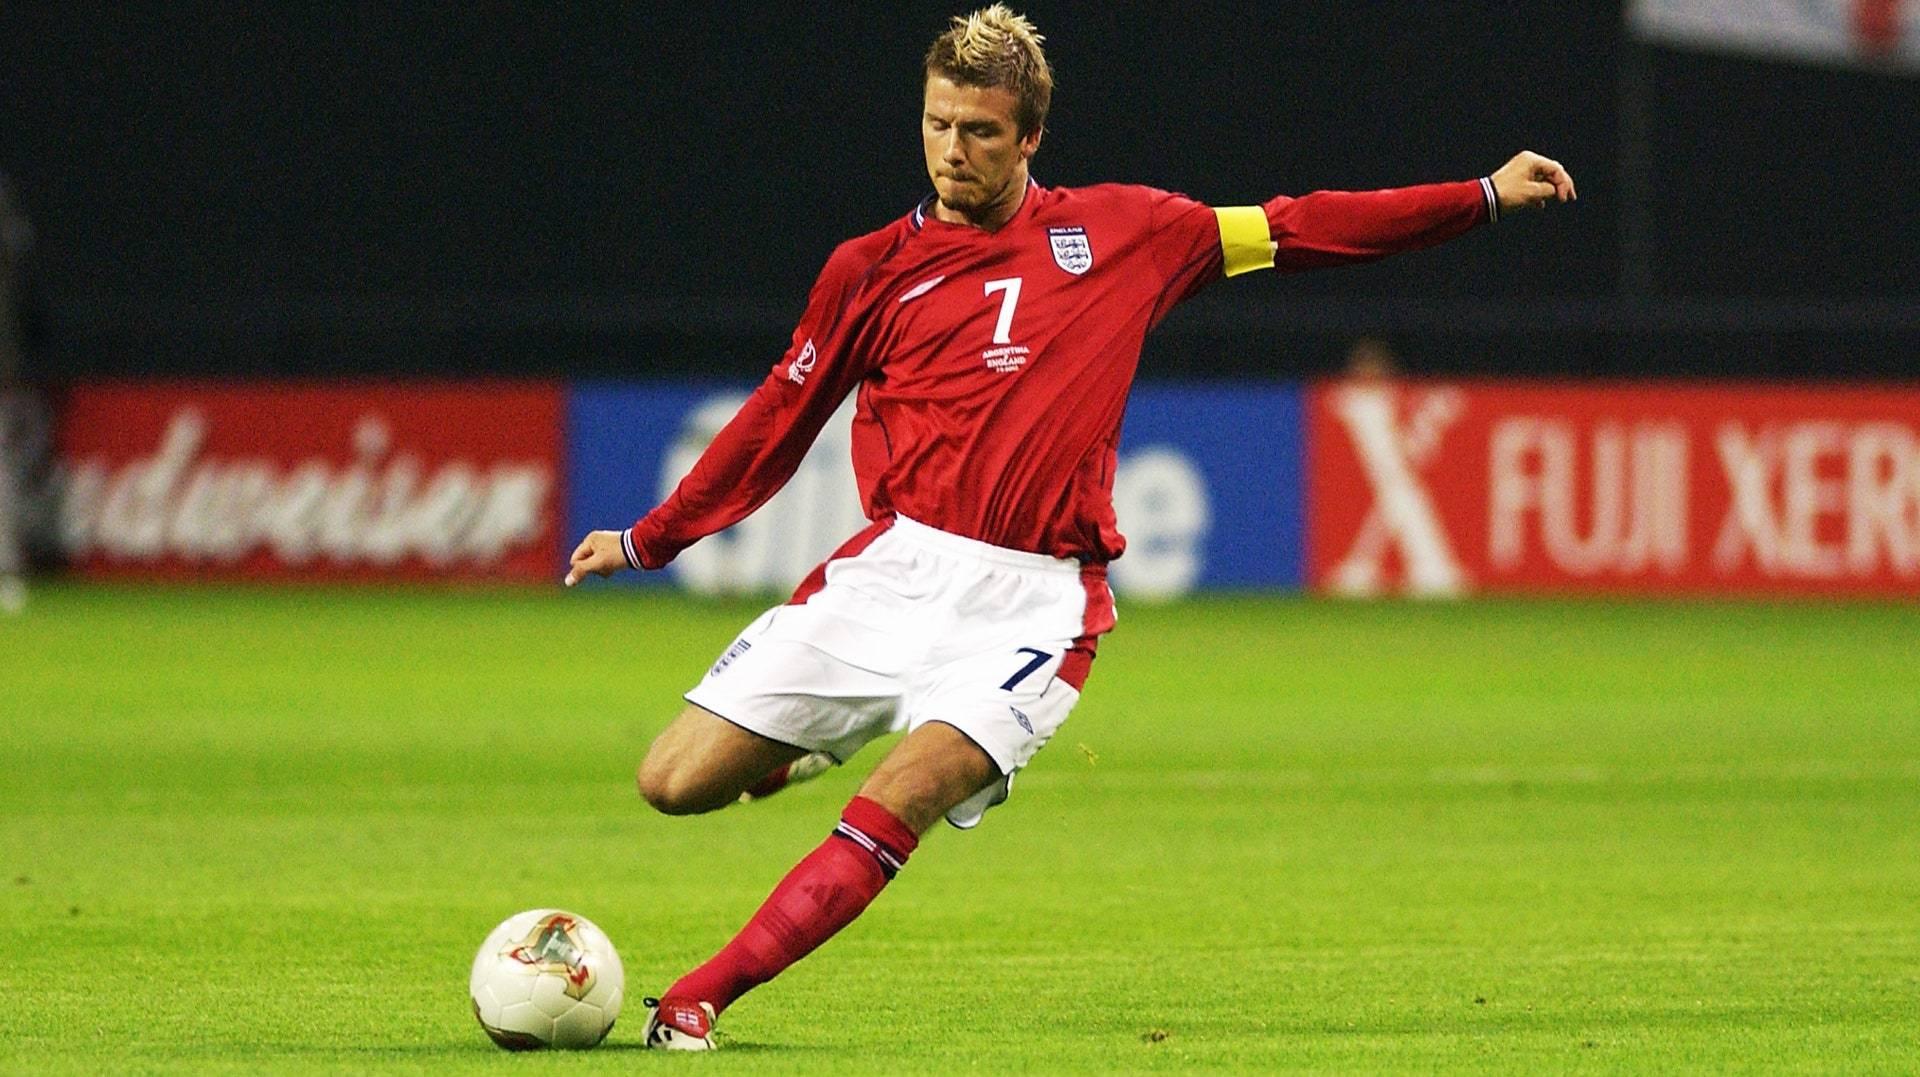 Список лучших немецких футболистов всех времен: топ игроков германии